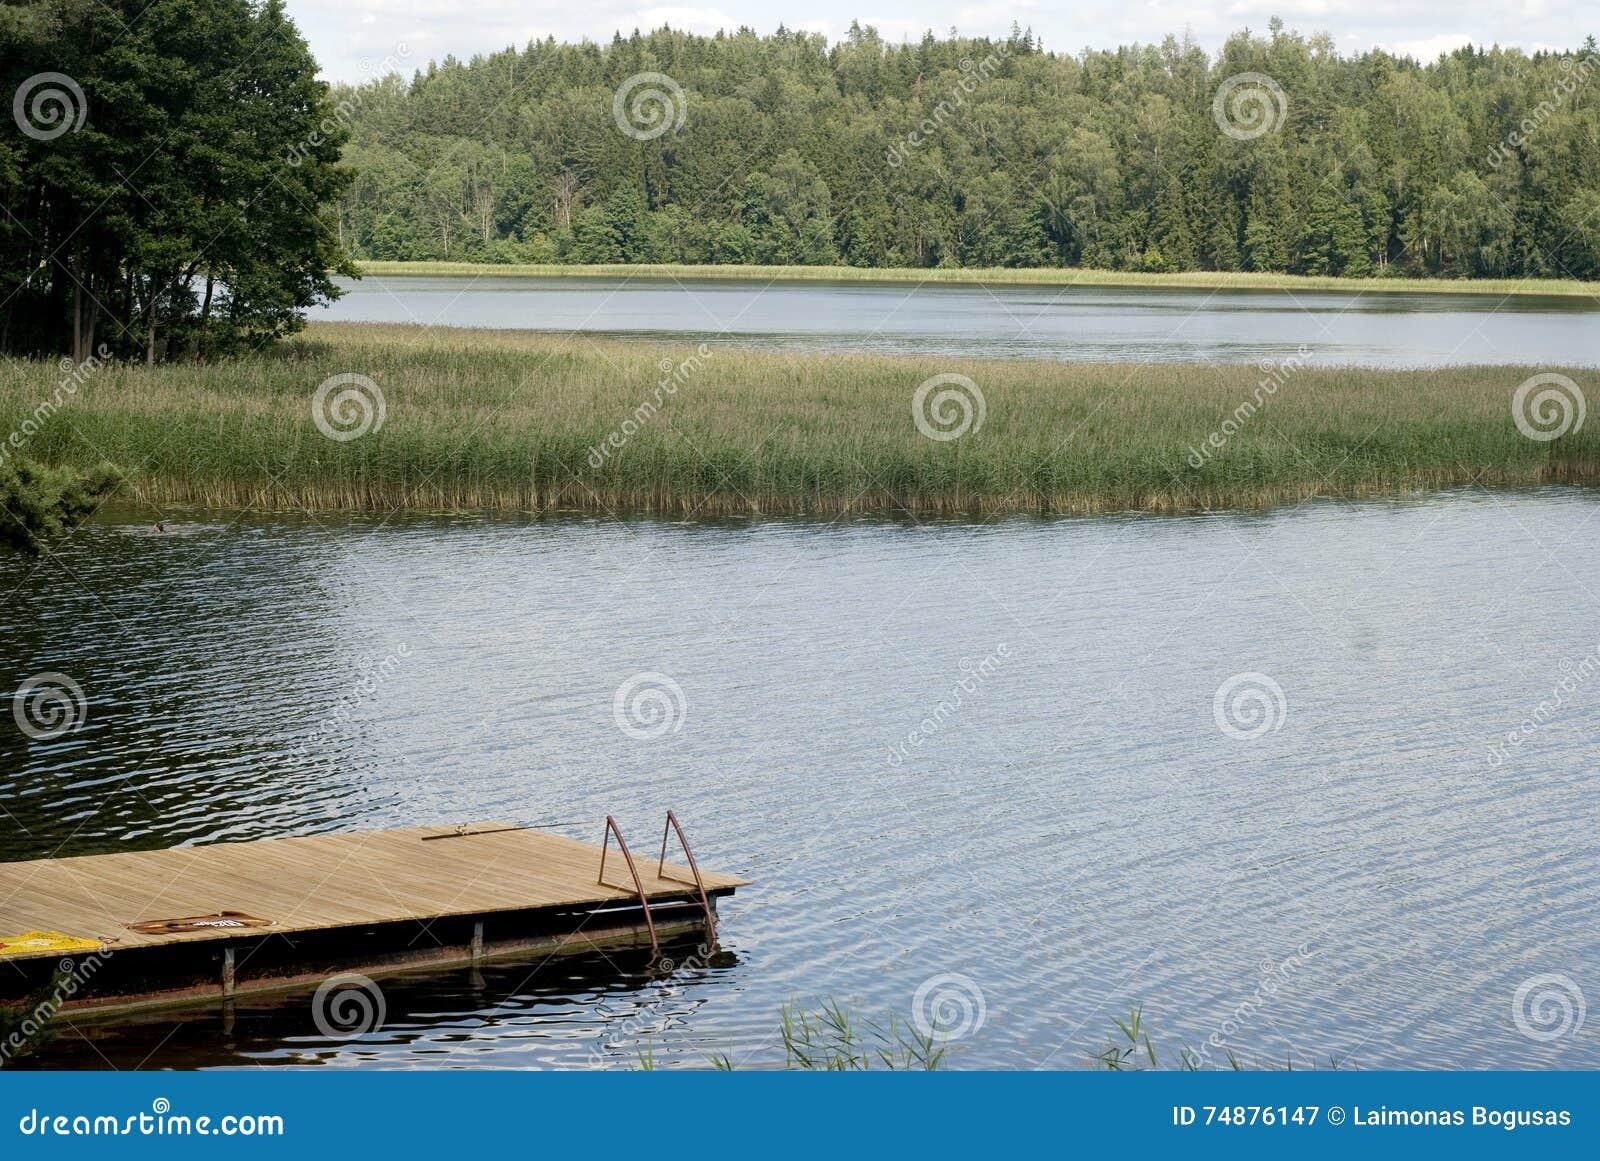 Lago, bosque, puente